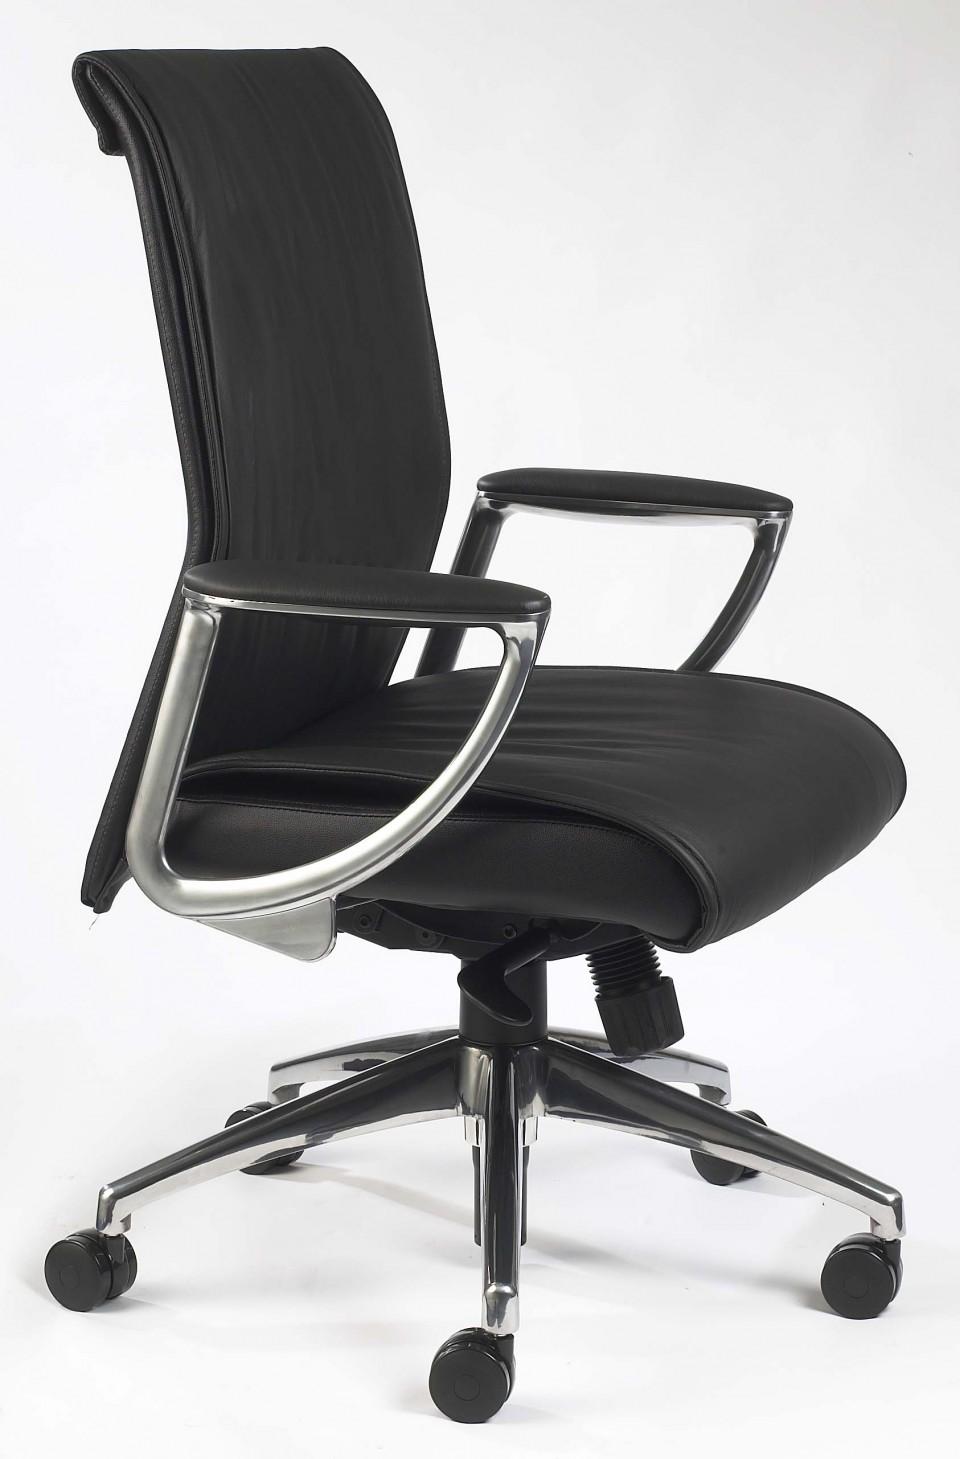 fauteuil de direction cuir fto md achat fauteuil de bureau cuir 399 00. Black Bedroom Furniture Sets. Home Design Ideas